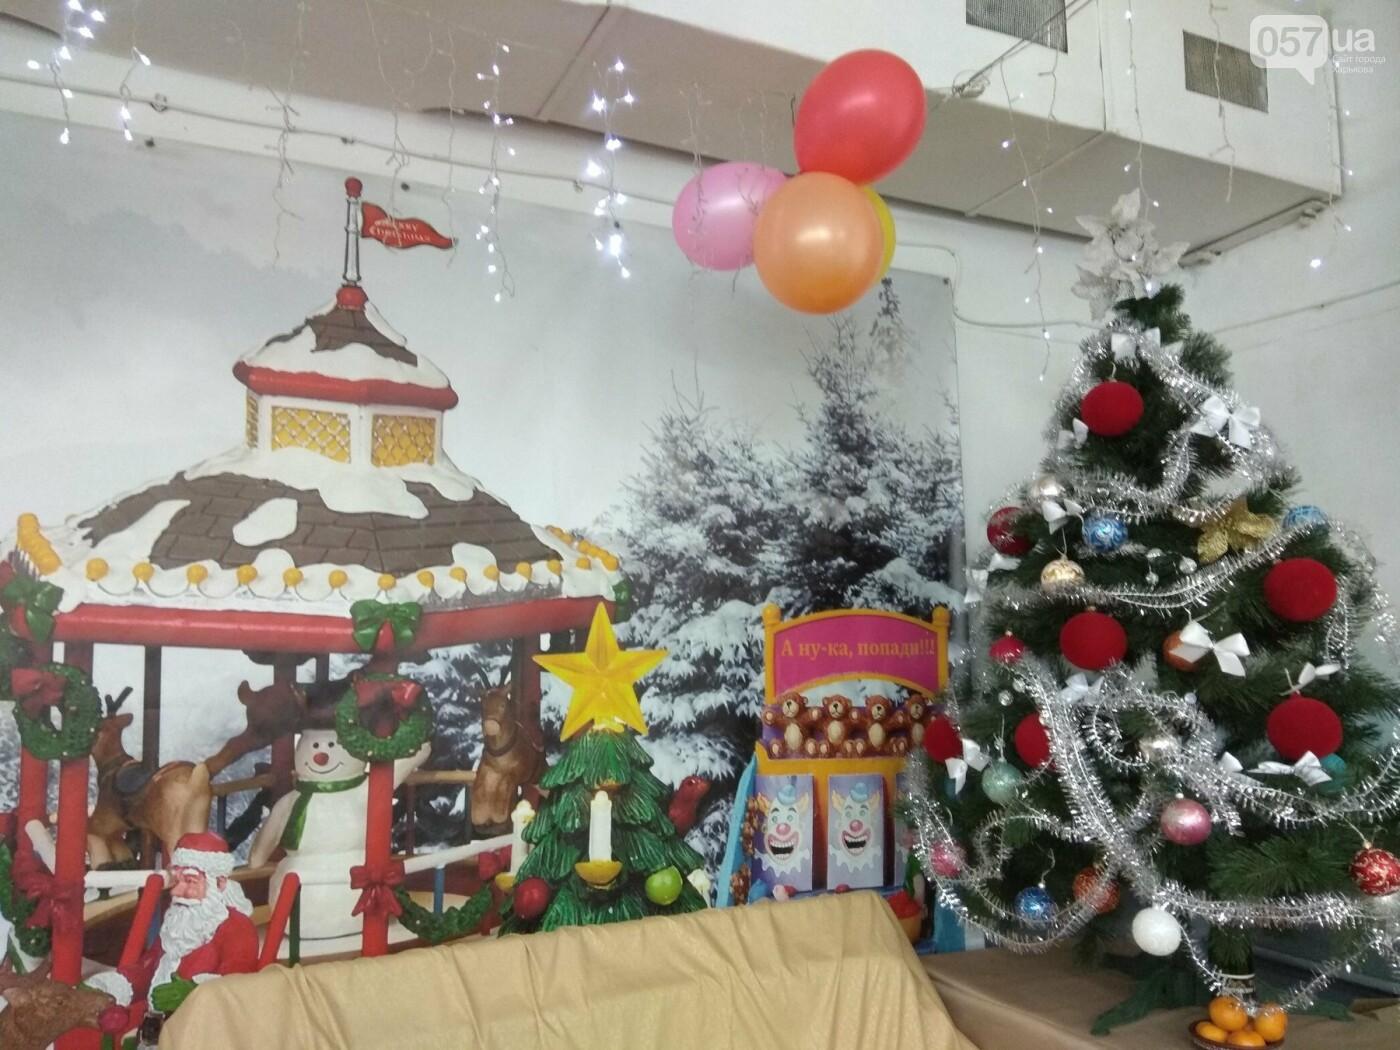 Фабрика елочных игрушек под Киевом. Куда харьковчане могут поехать на выходных, - ФОТО, фото-28